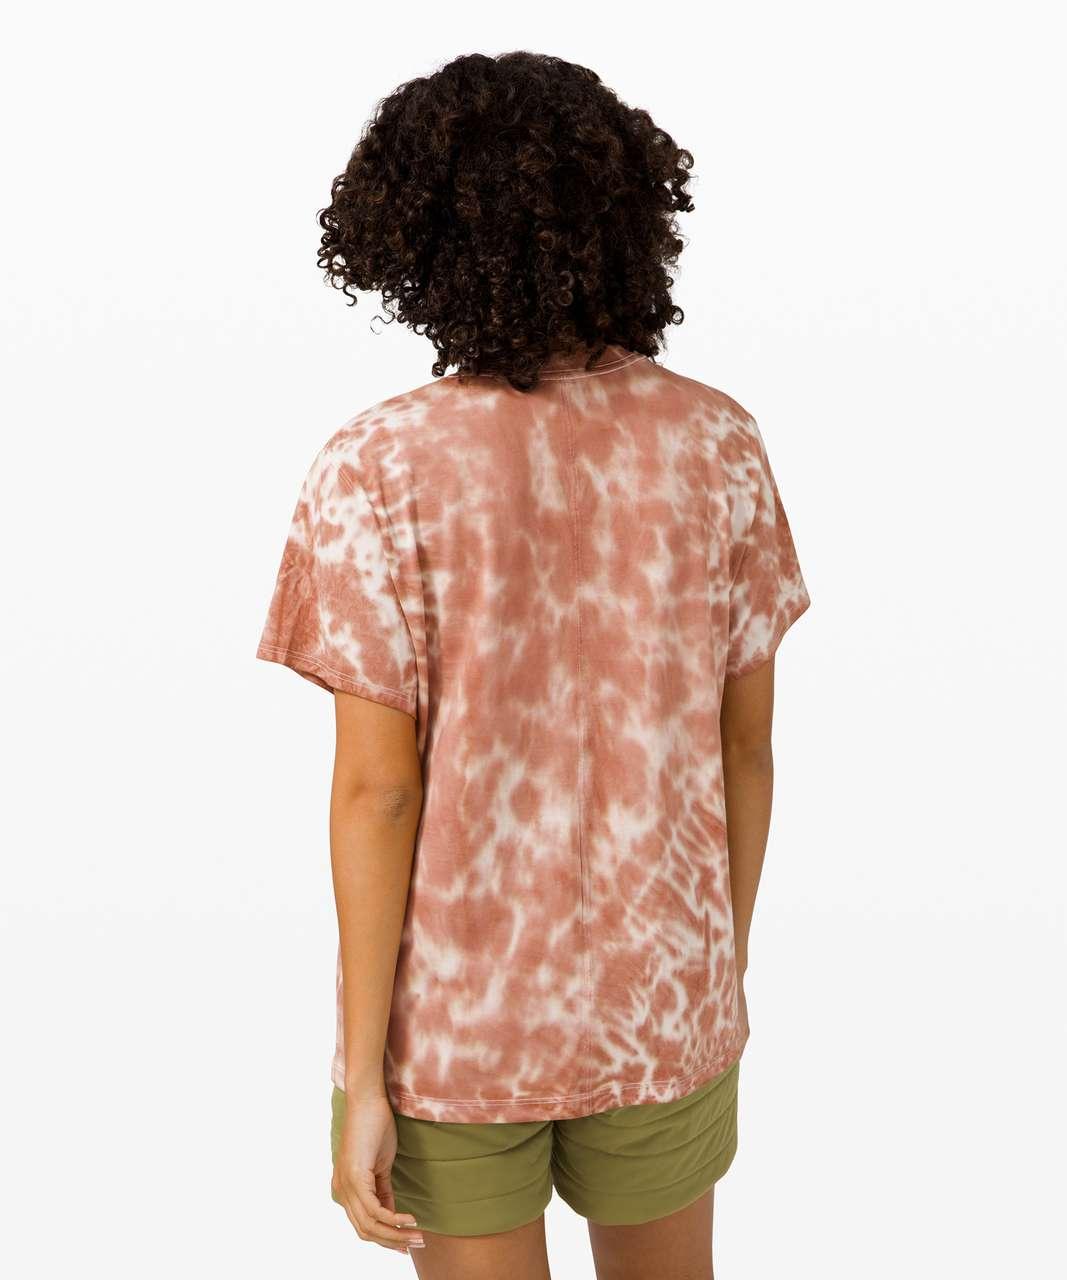 Lululemon All Yours Tee *Tie Dye - Marmoleado Tie Dye Ancient Copper